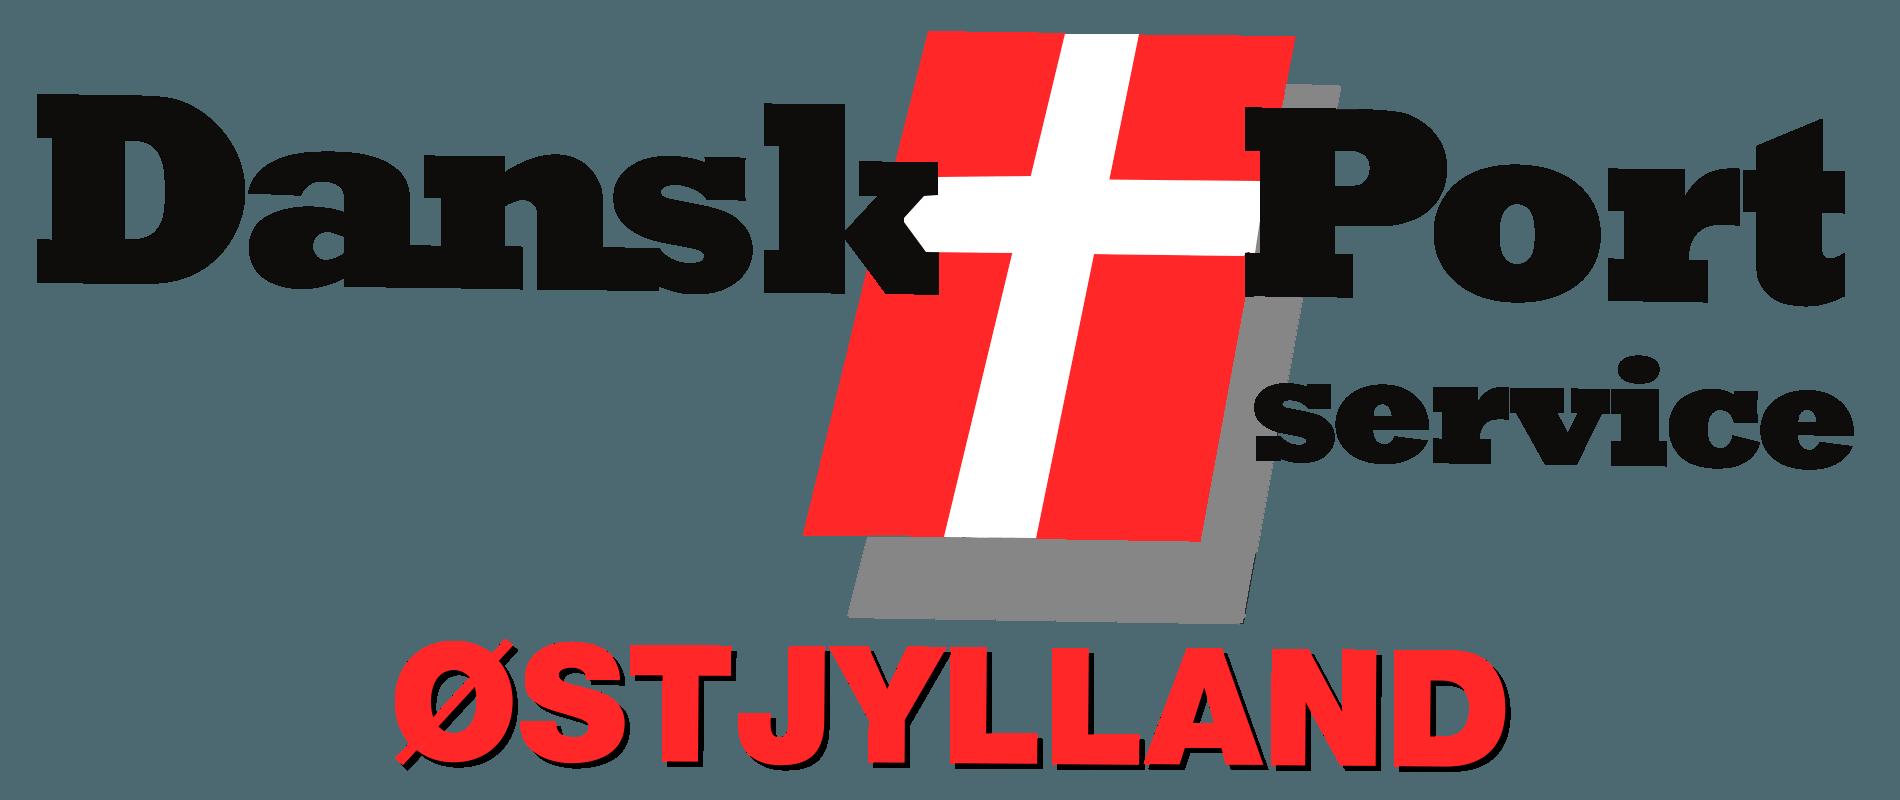 Dansk Portservice Østjylland